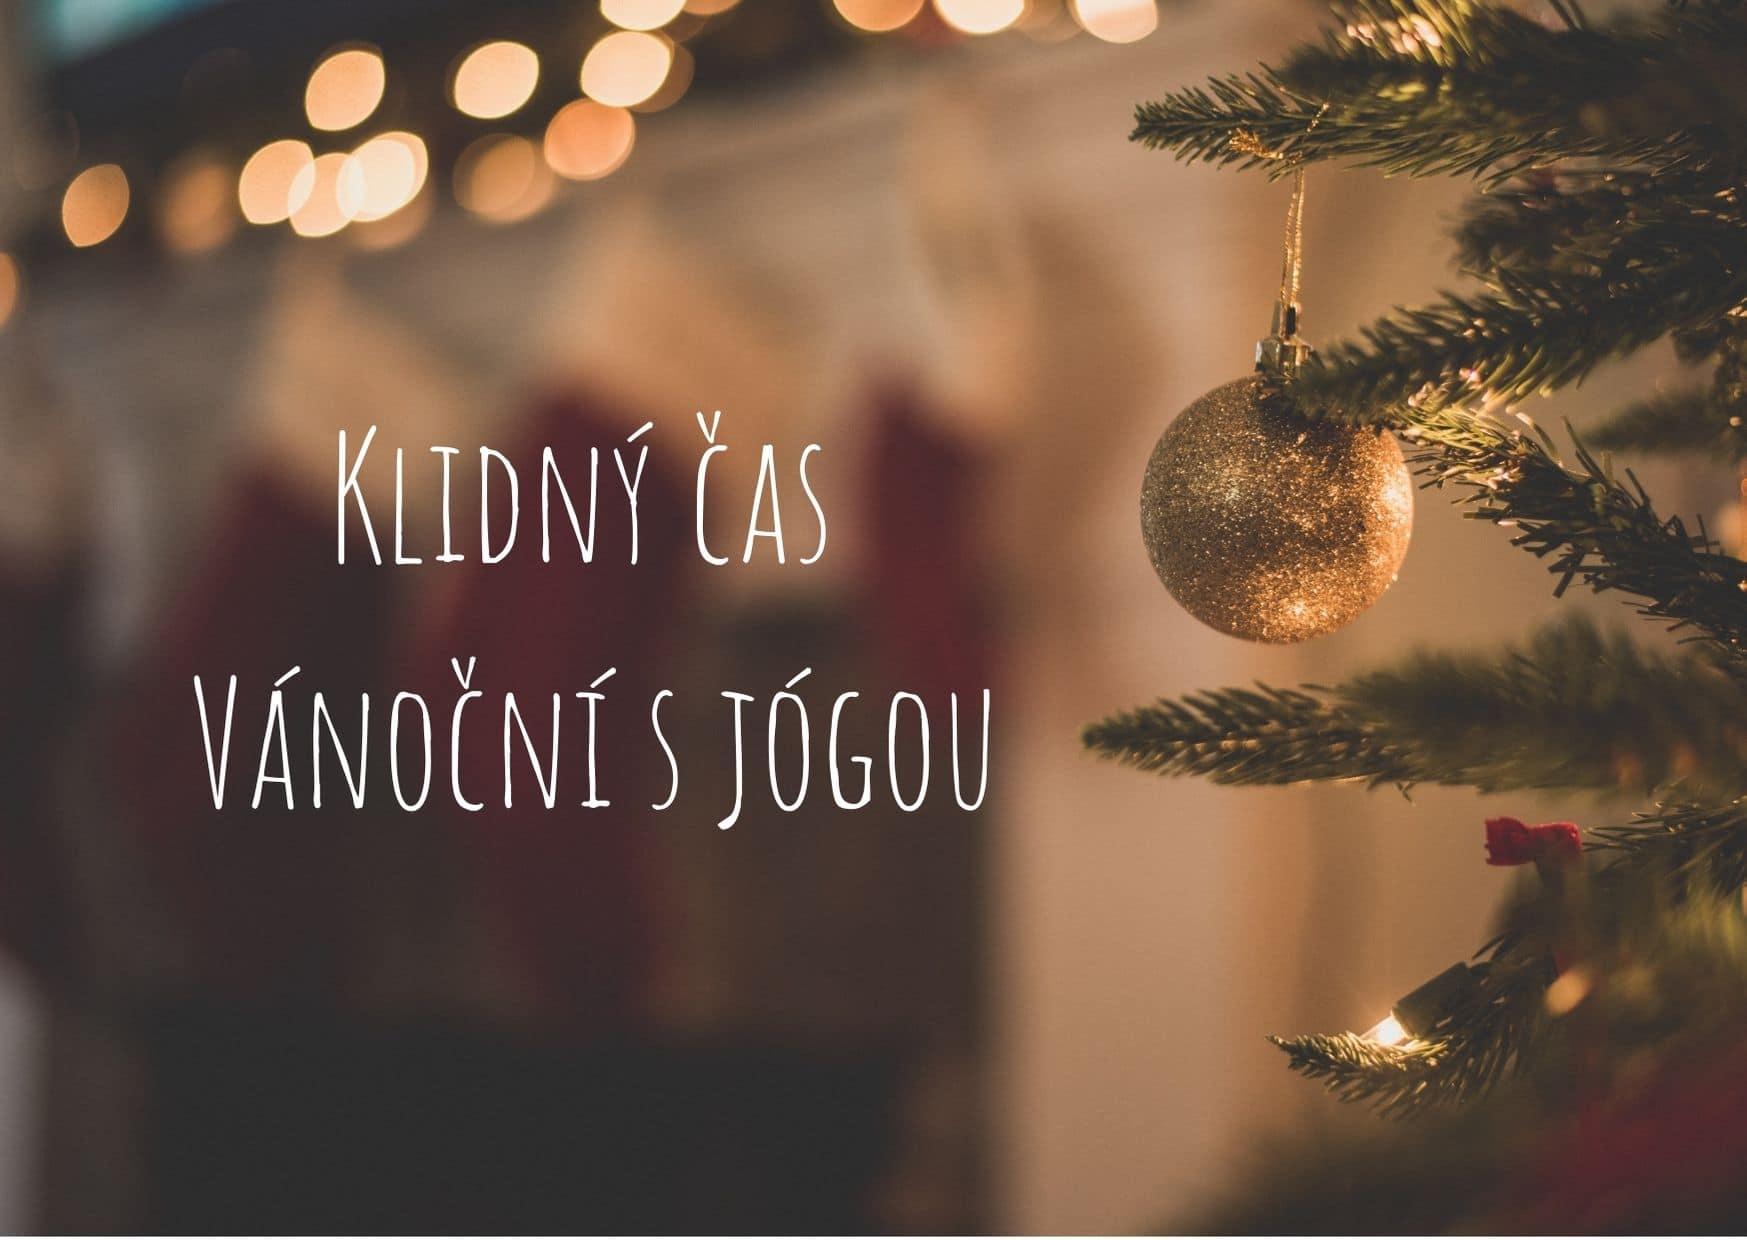 Klidný čas Vánoční s jógou